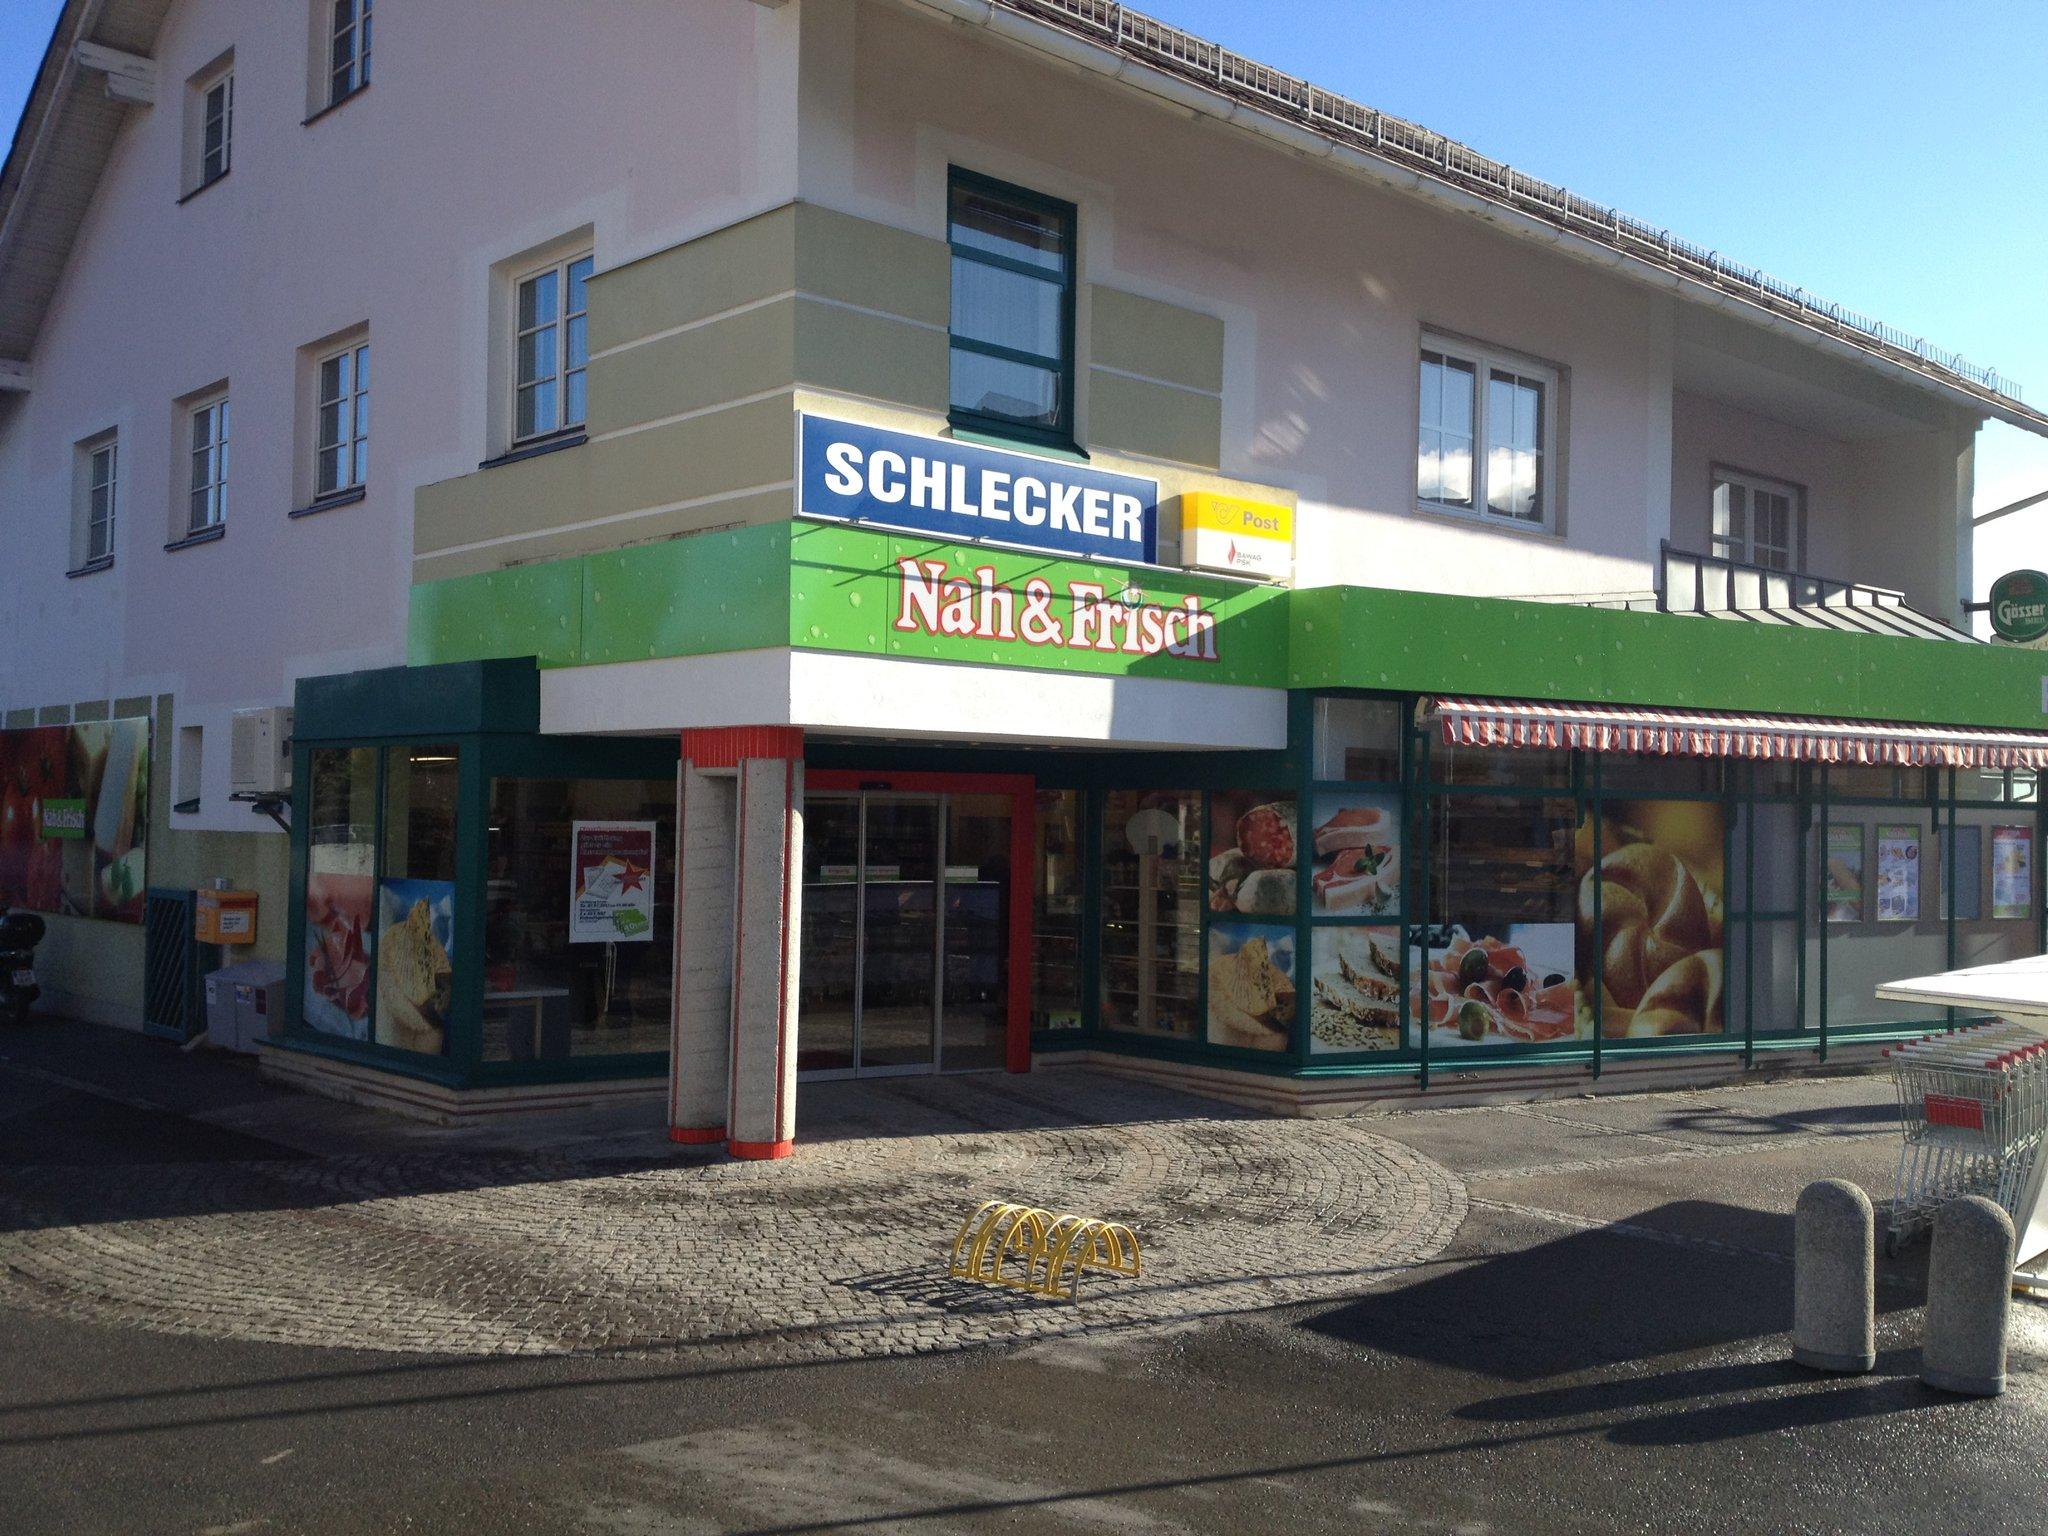 Er sucht Sie (Erotik): Sex in Sankt Radegund bei Graz - intertecinc.com